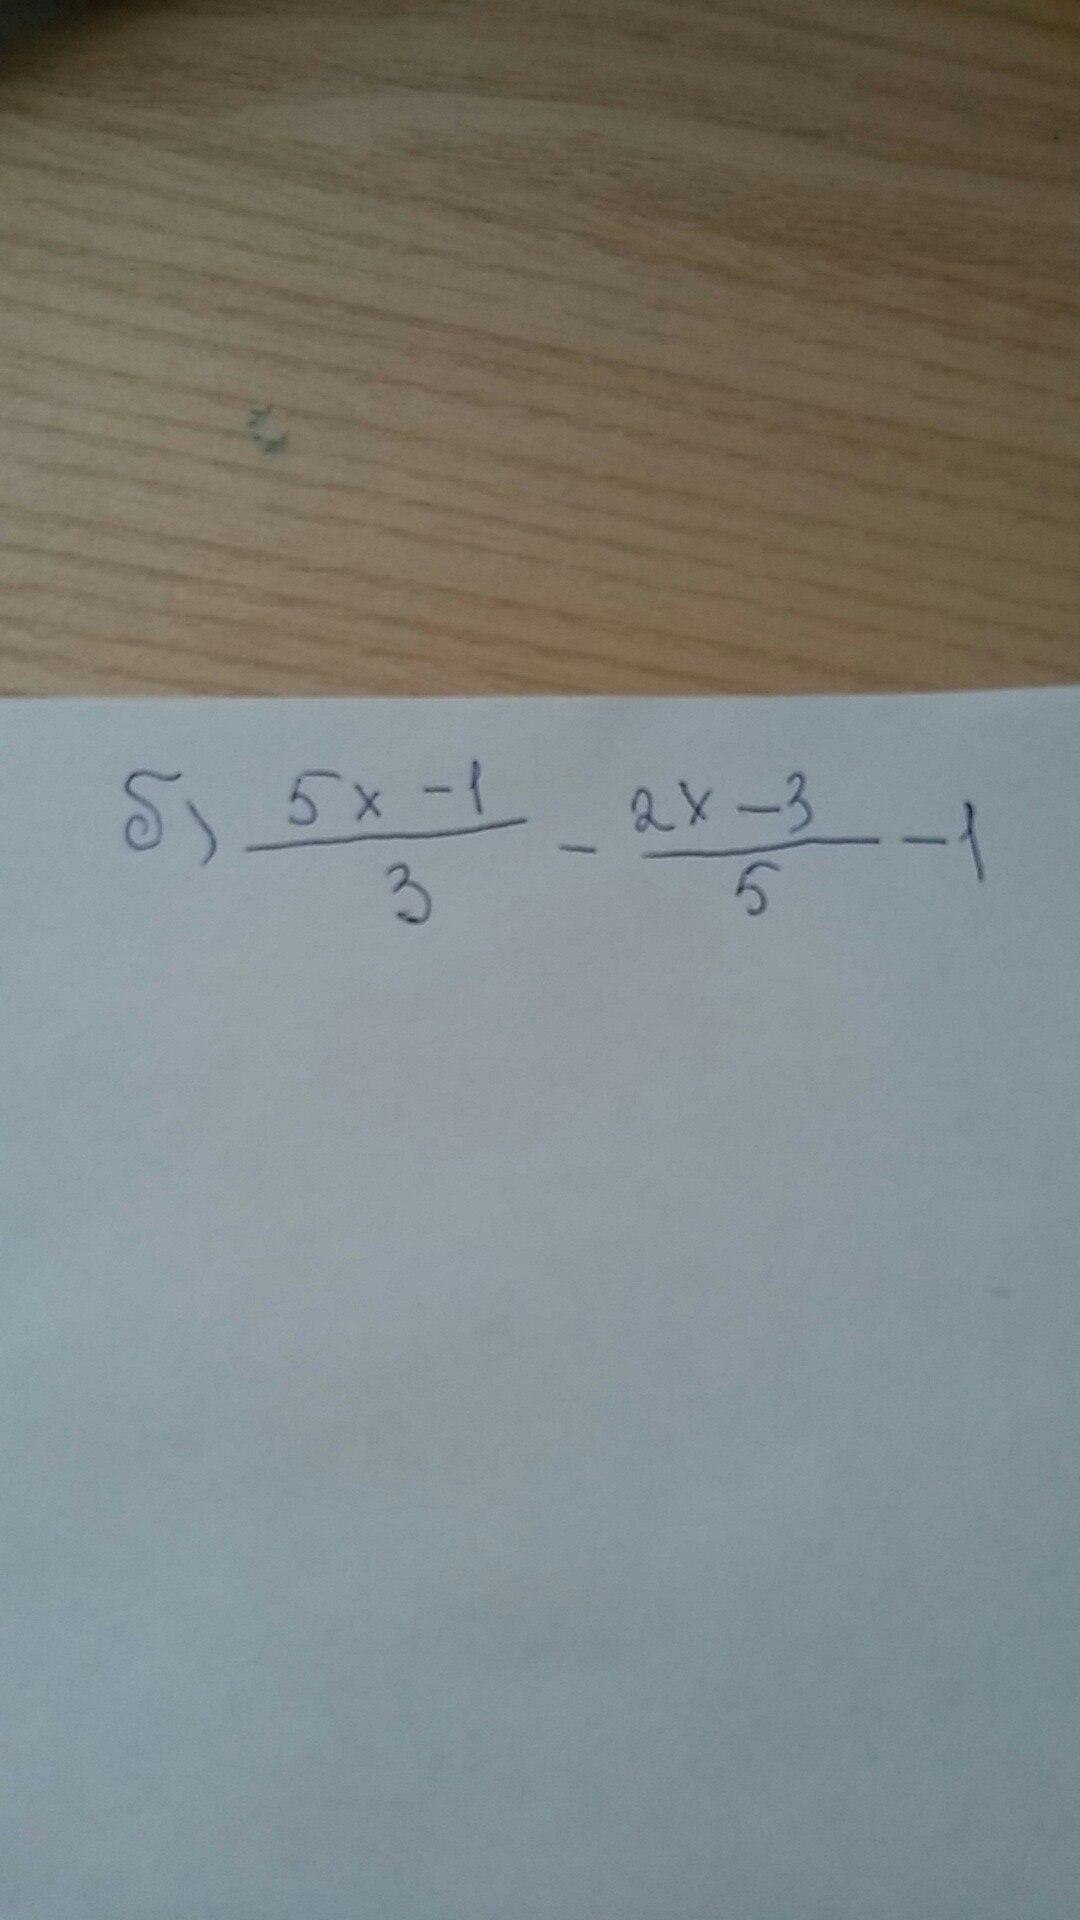 Пожалуйста помогите решить уравнения заранее спасибо?